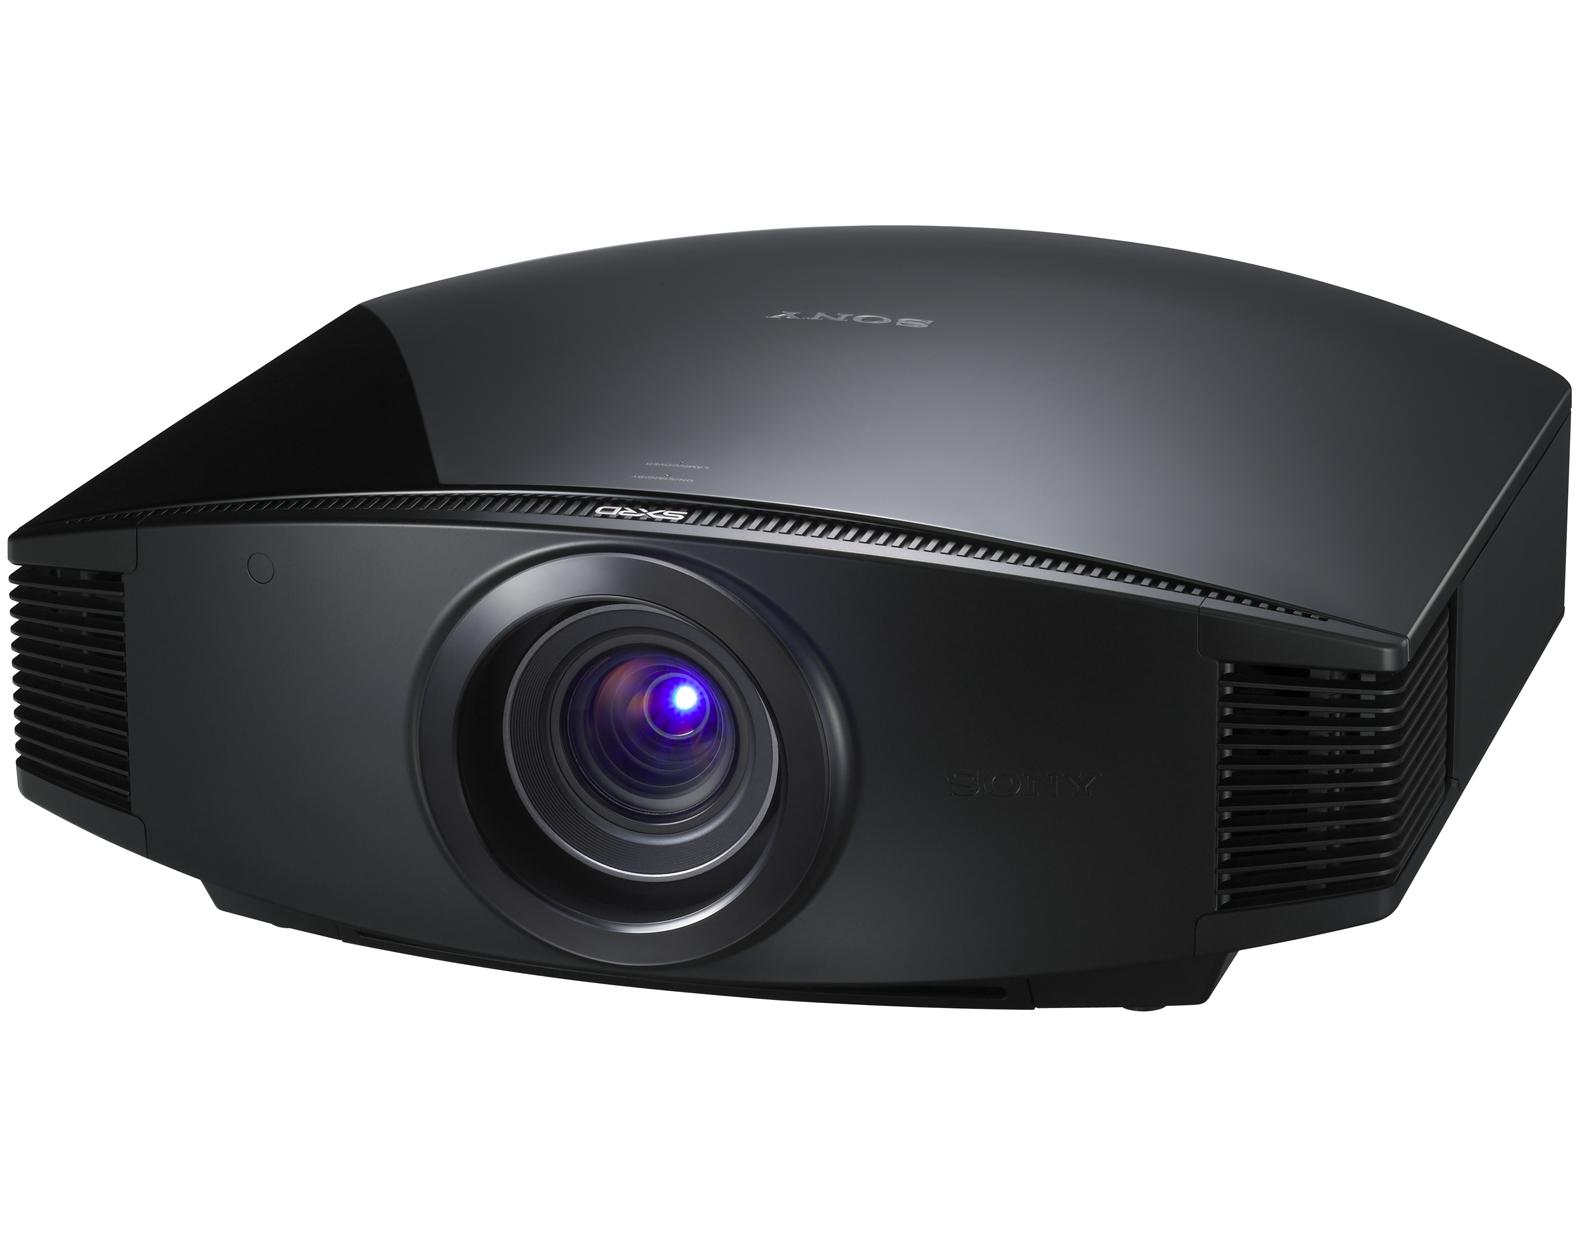 Sony VPL-VW90ES - Projektion in 3D